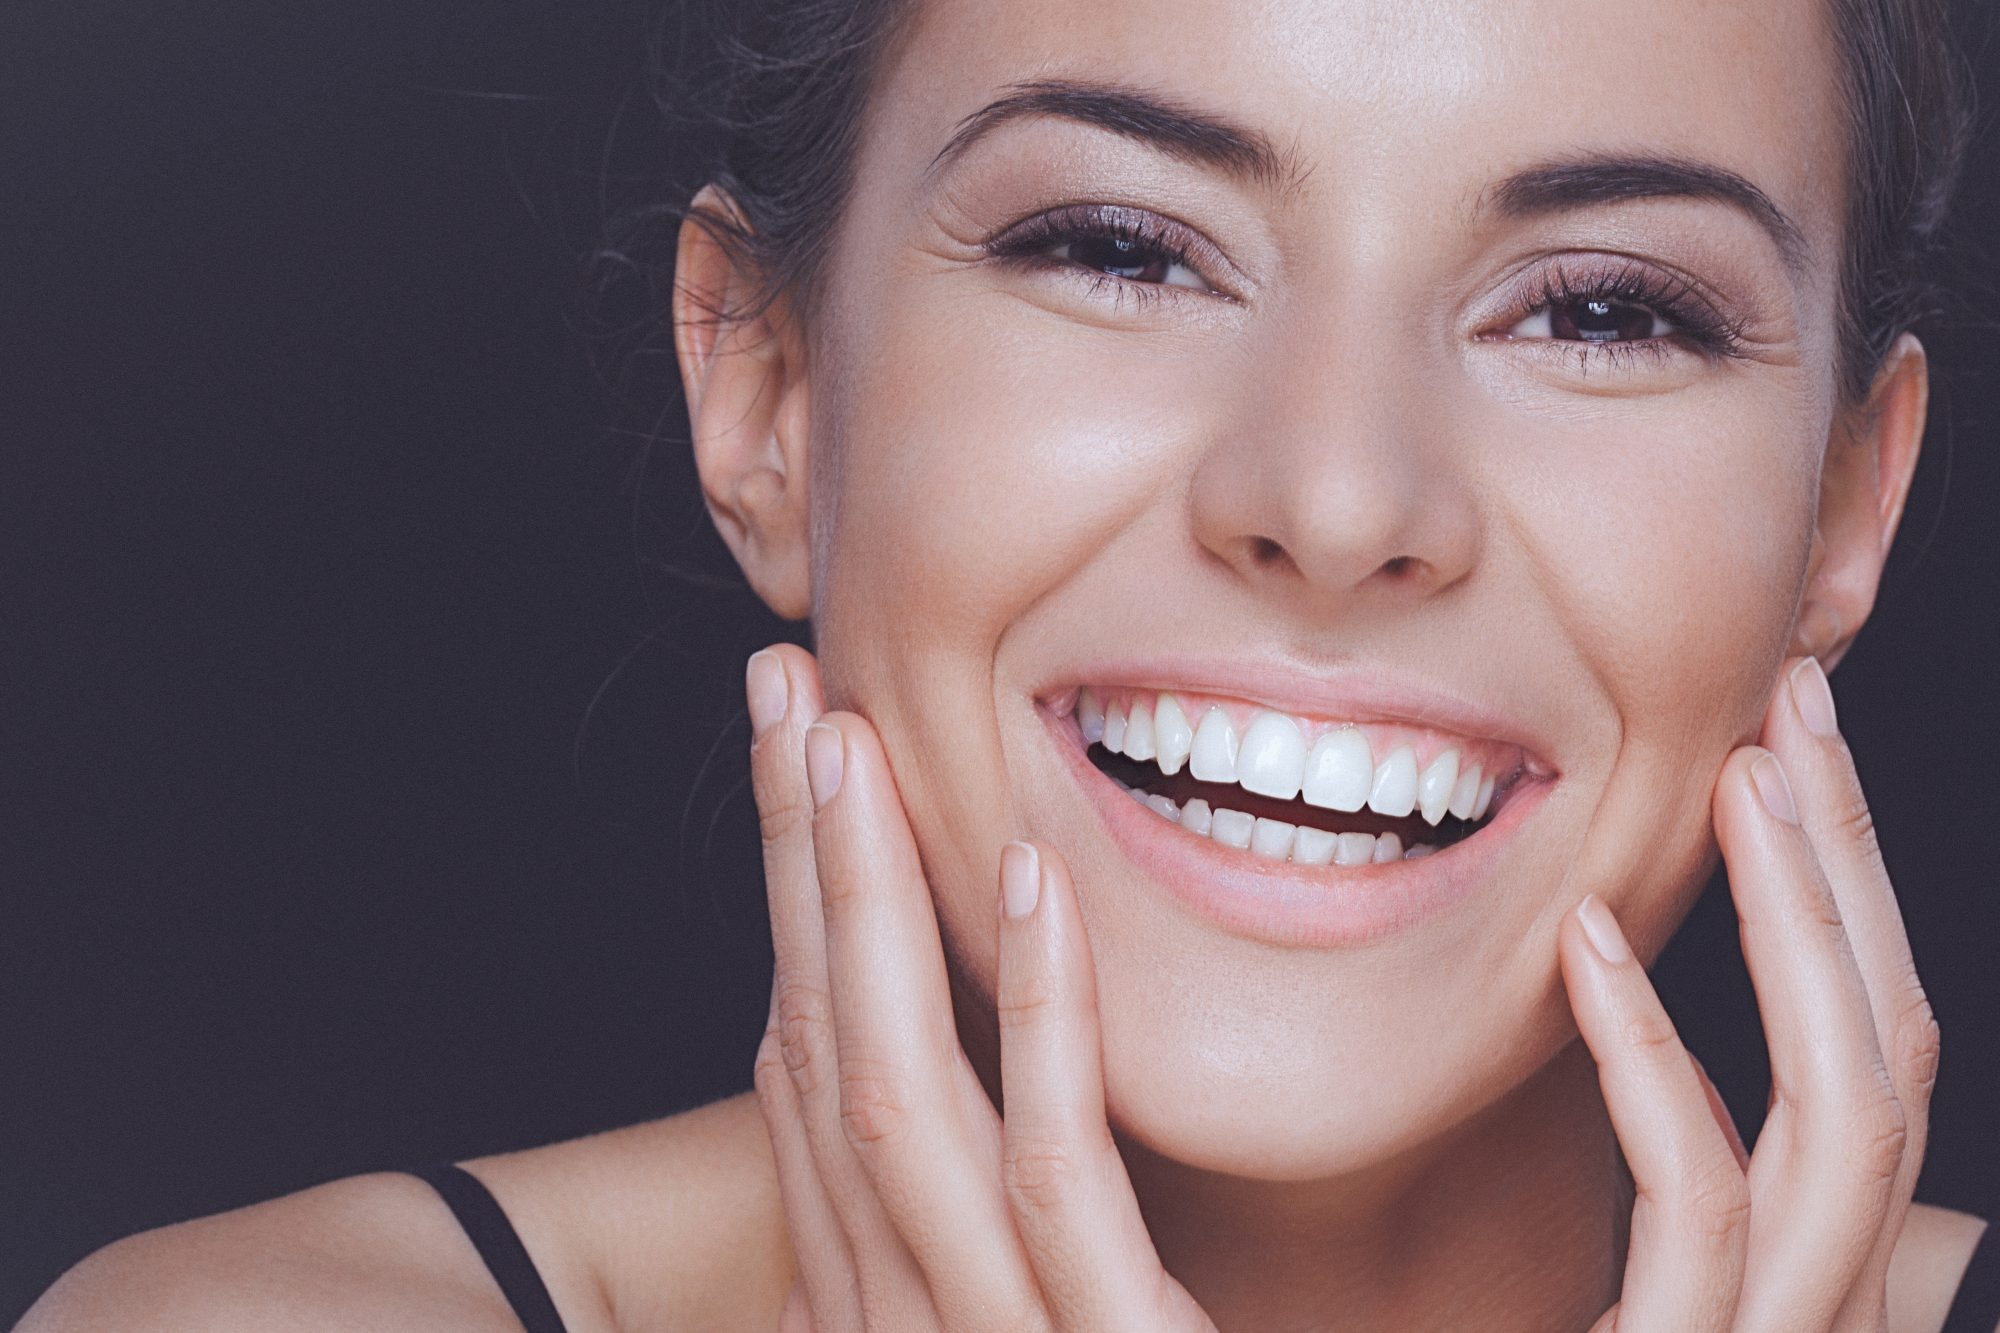 dientes blancos, blanqueador de dientes